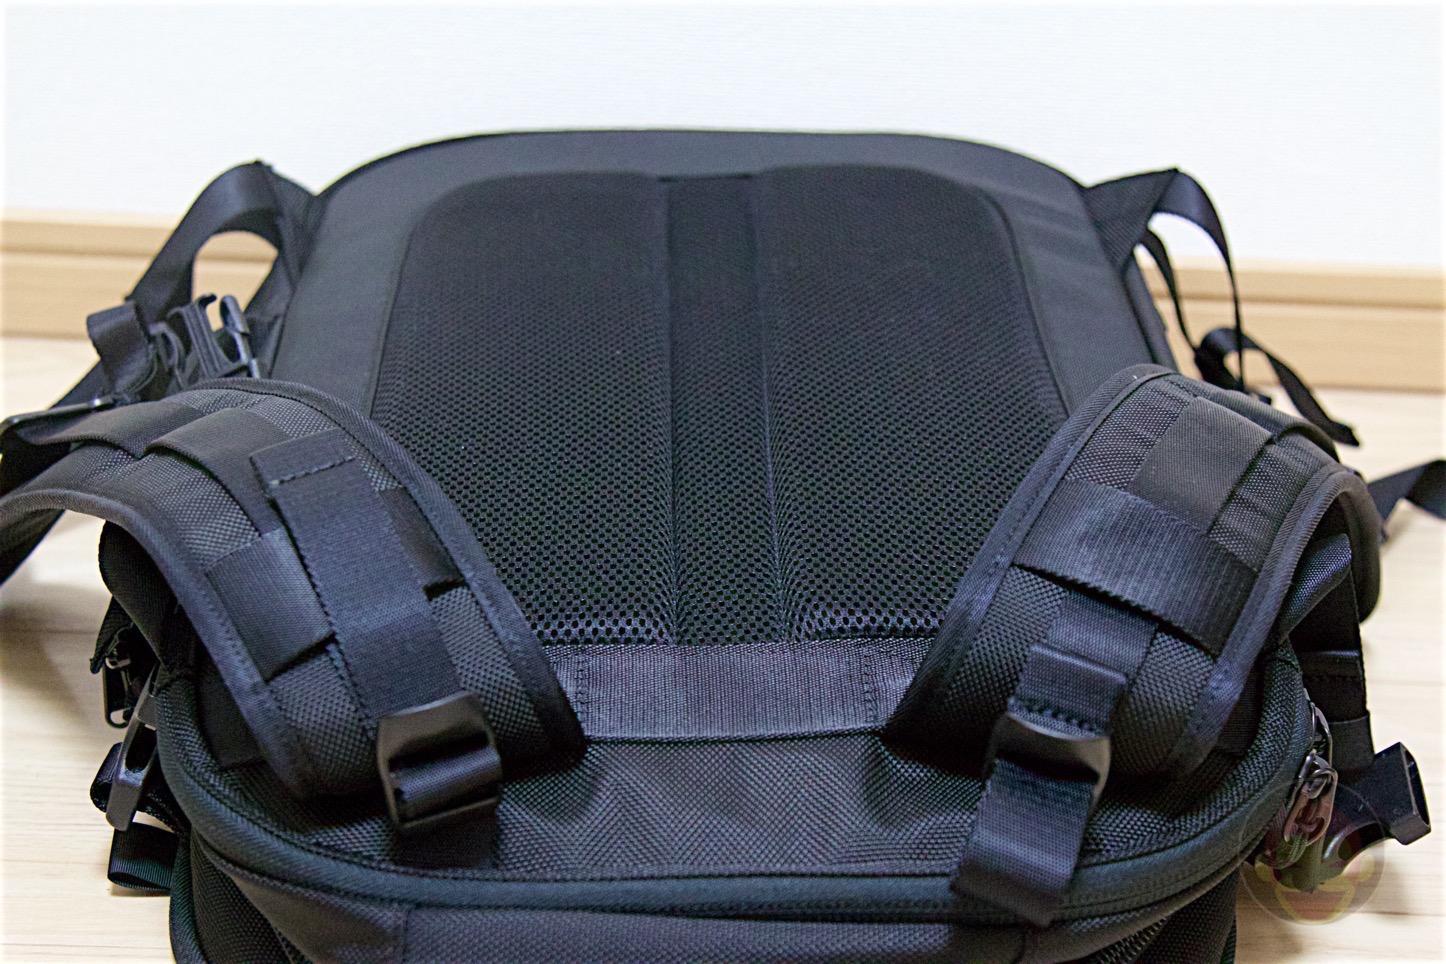 Aer-Travel-BackPack-on-Kickstarter-13.jpg